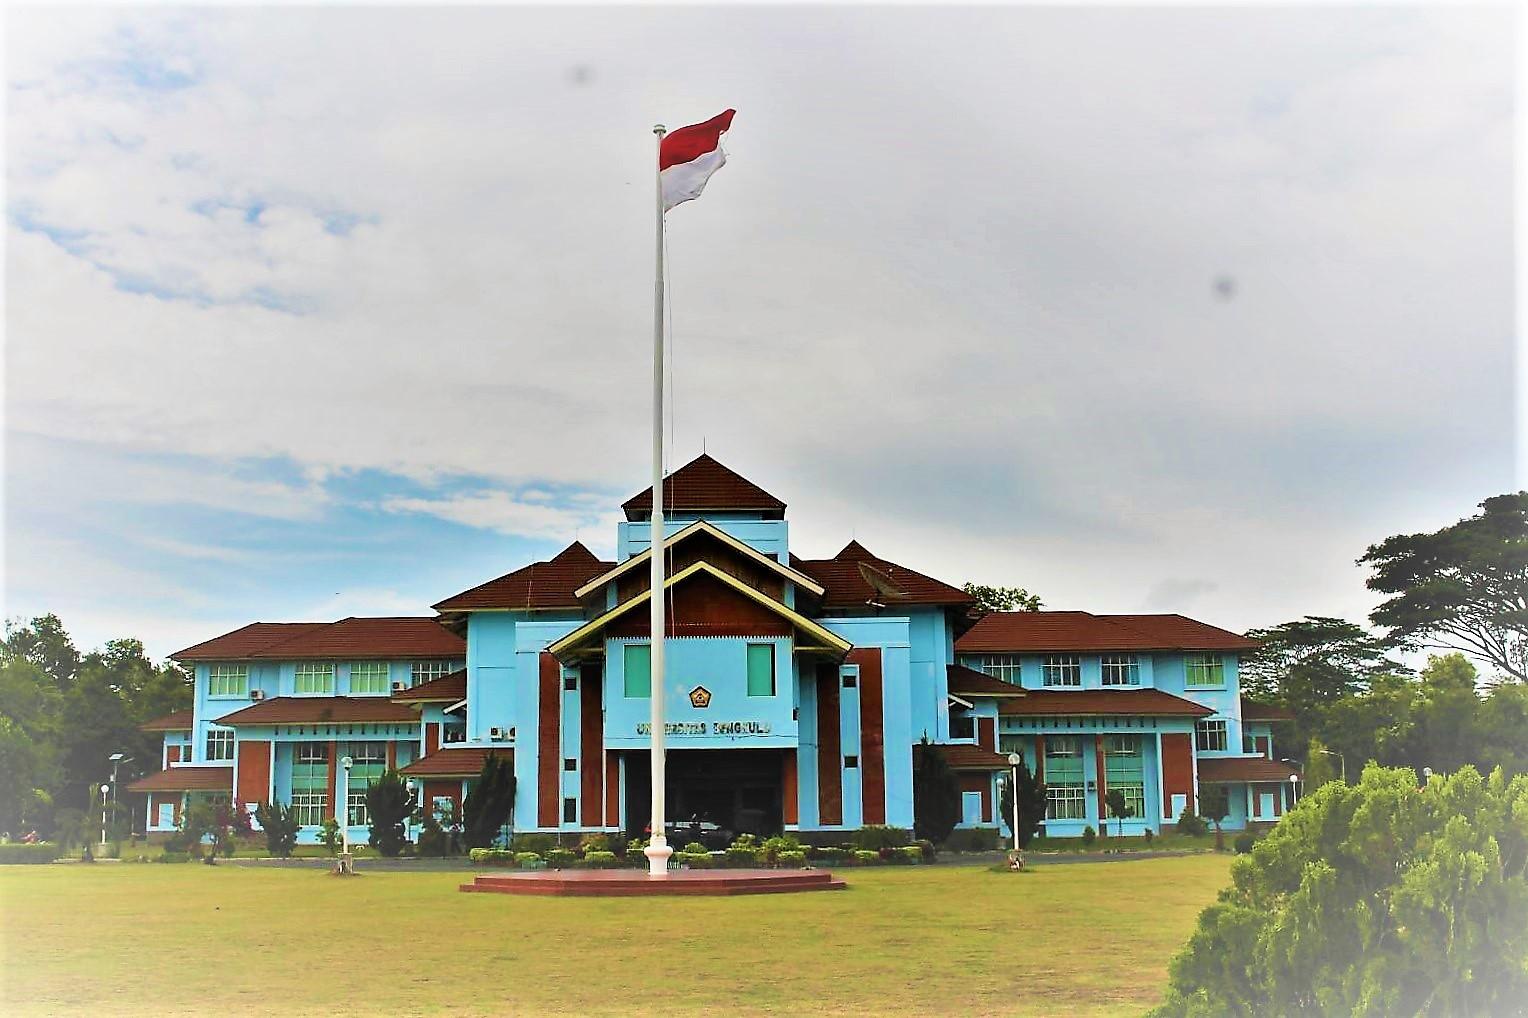 Universitas Bengkulu: Tak Perlu Meragu, Si Hijau di Tanah Bengkulu ini Bisa Jadi Pilihanmu